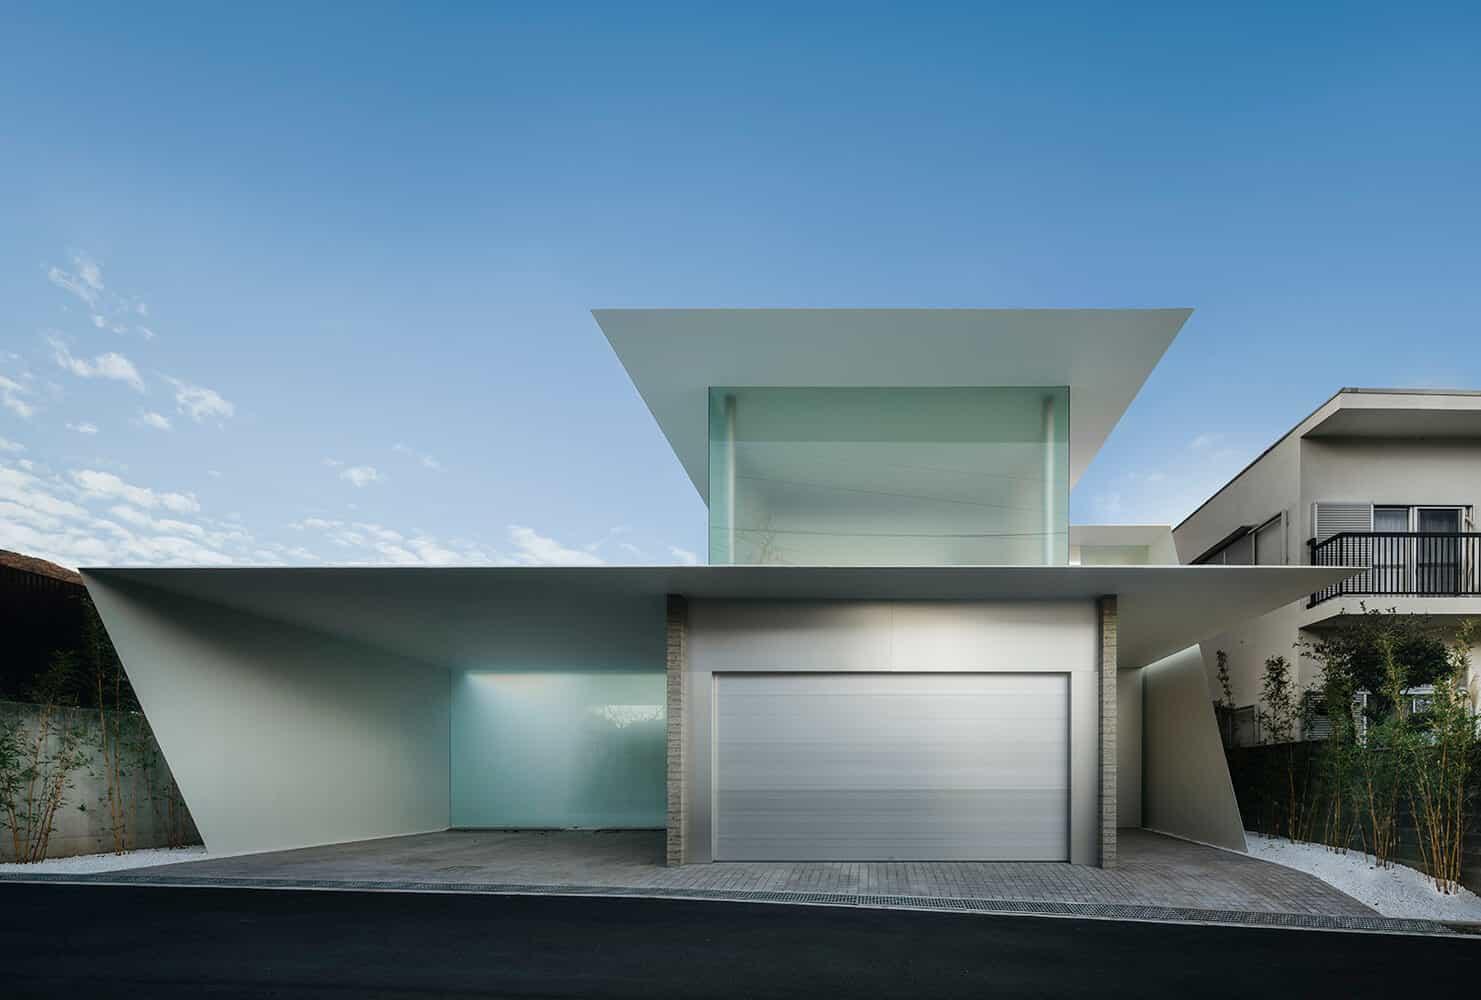 modern home design front elevation in grey color